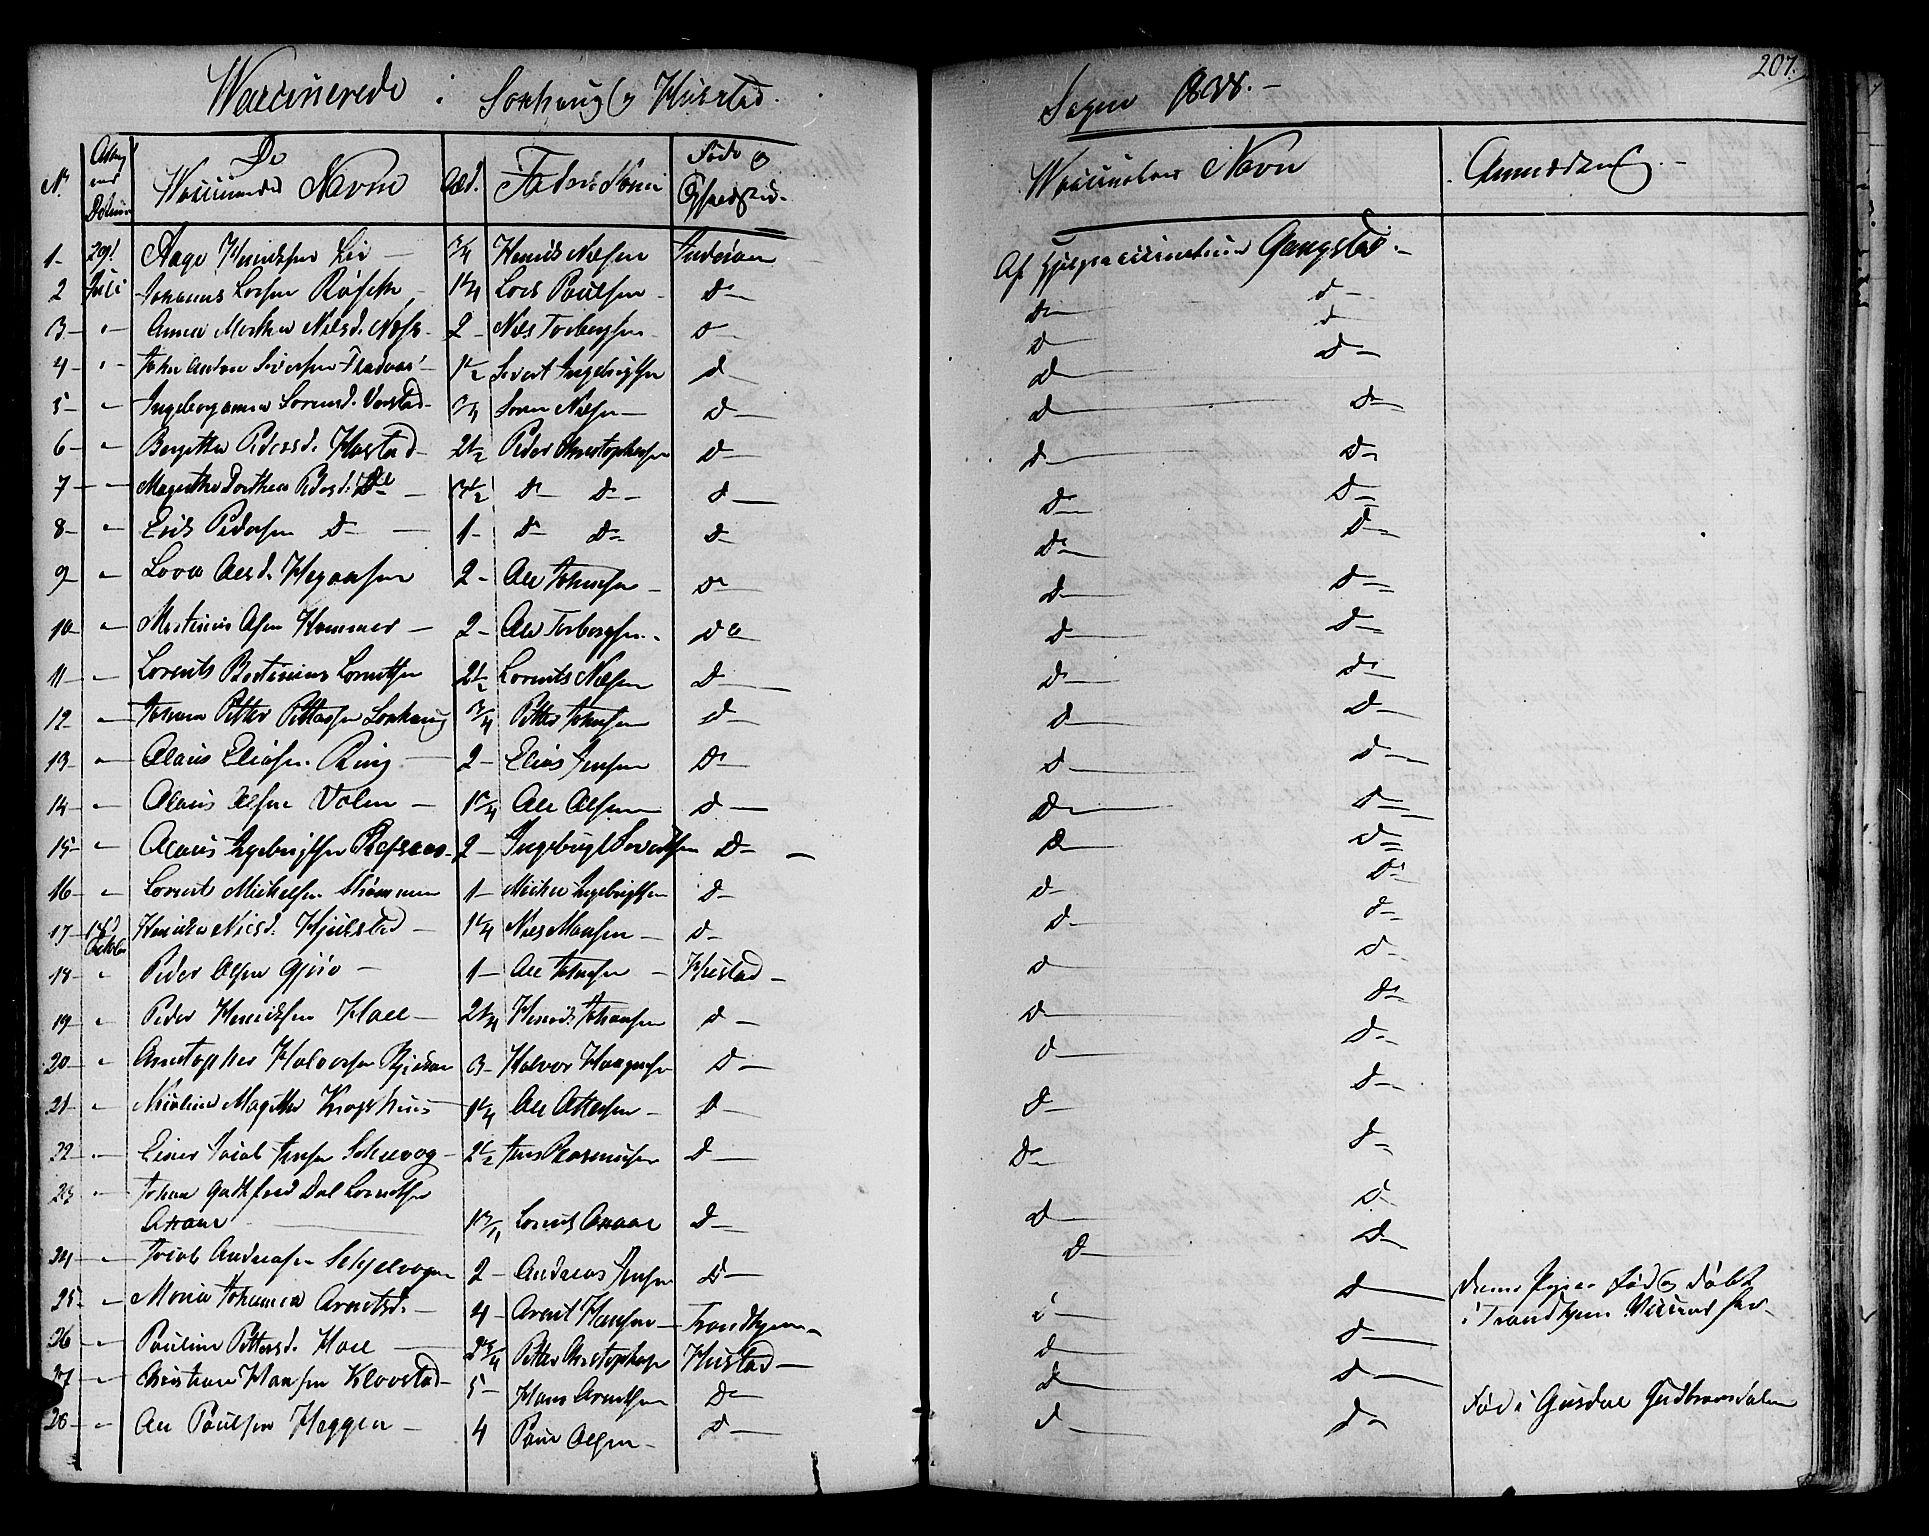 SAT, Ministerialprotokoller, klokkerbøker og fødselsregistre - Nord-Trøndelag, 730/L0277: Ministerialbok nr. 730A06 /1, 1830-1839, s. 207